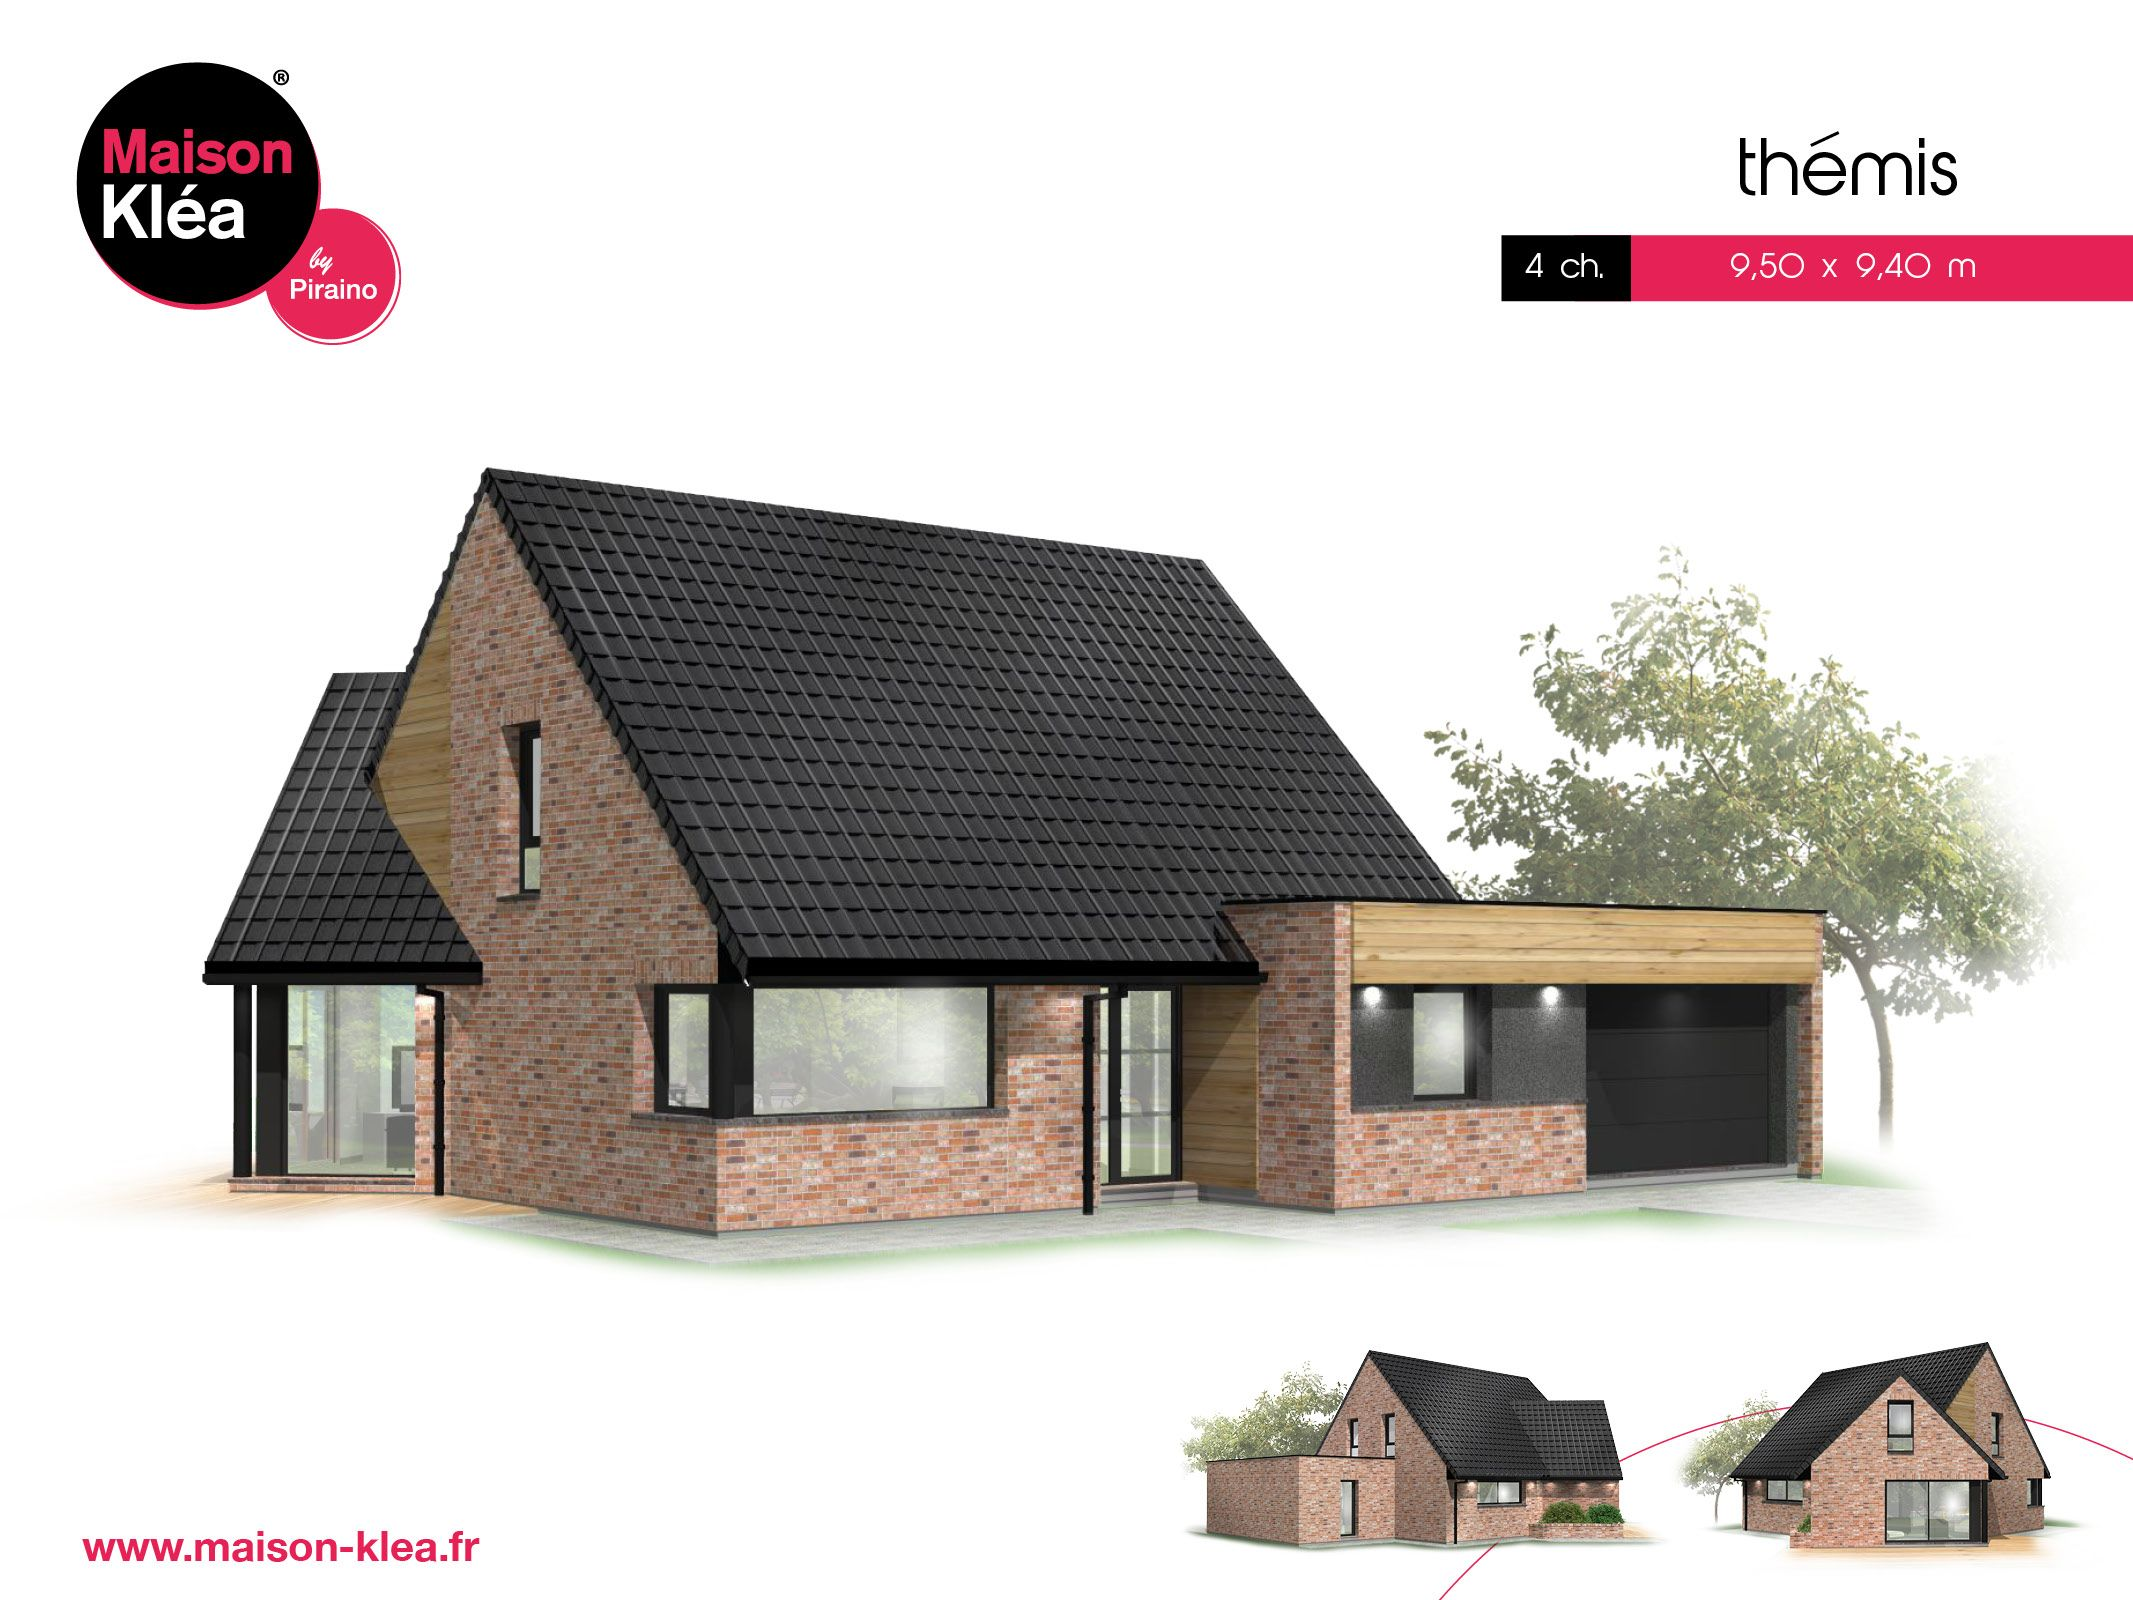 Terrain et maison à construire Rosult 124m²